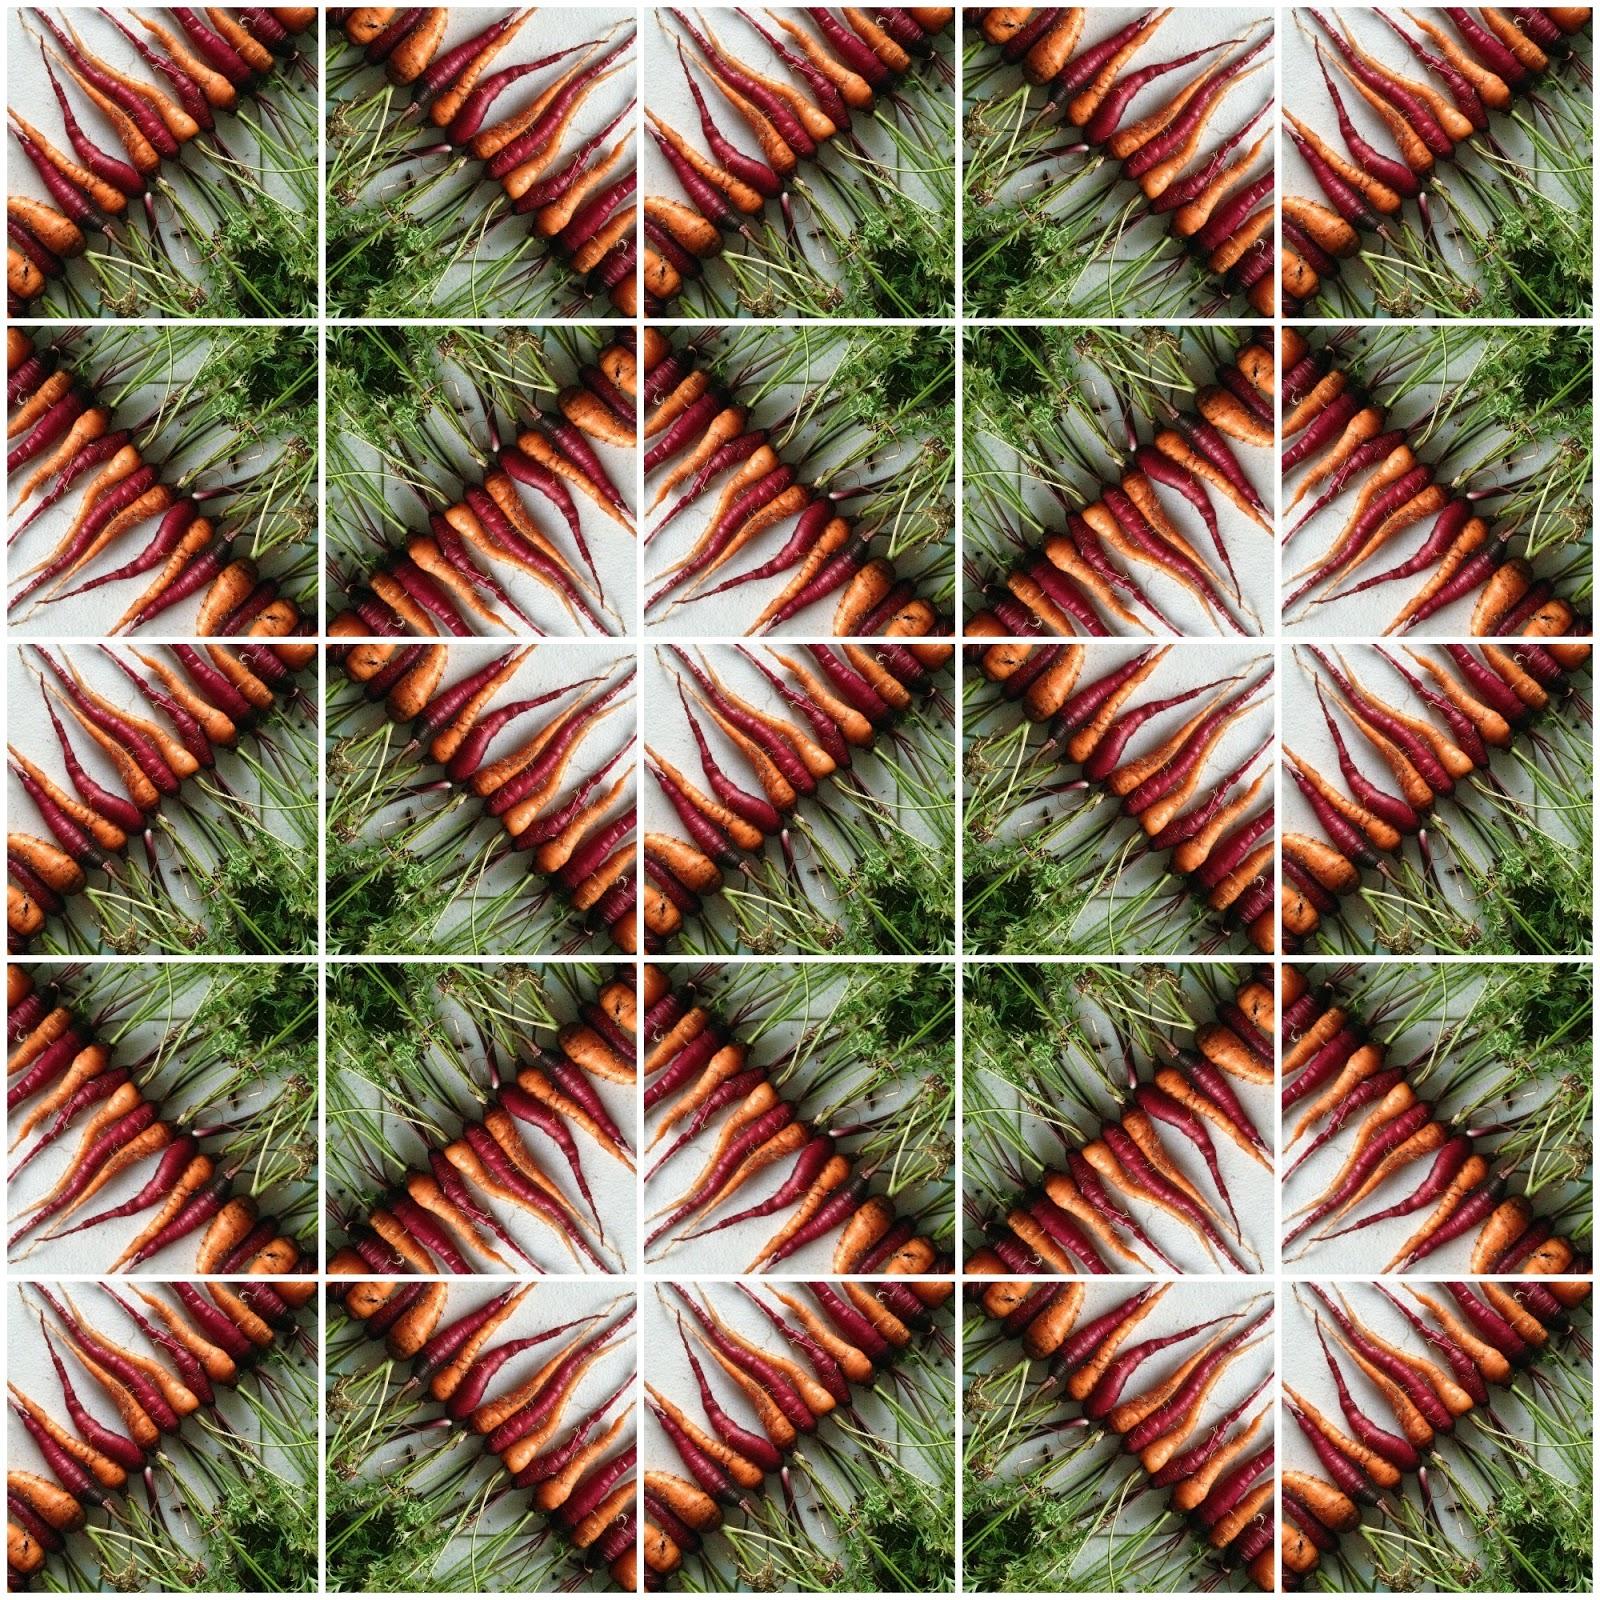 http://1.bp.blogspot.com/-mmnZGFFBLJ4/U-lanaFkdoI/AAAAAAAAT2Y/YnR2r4rCORY/s1600/carrot+collage.jpg